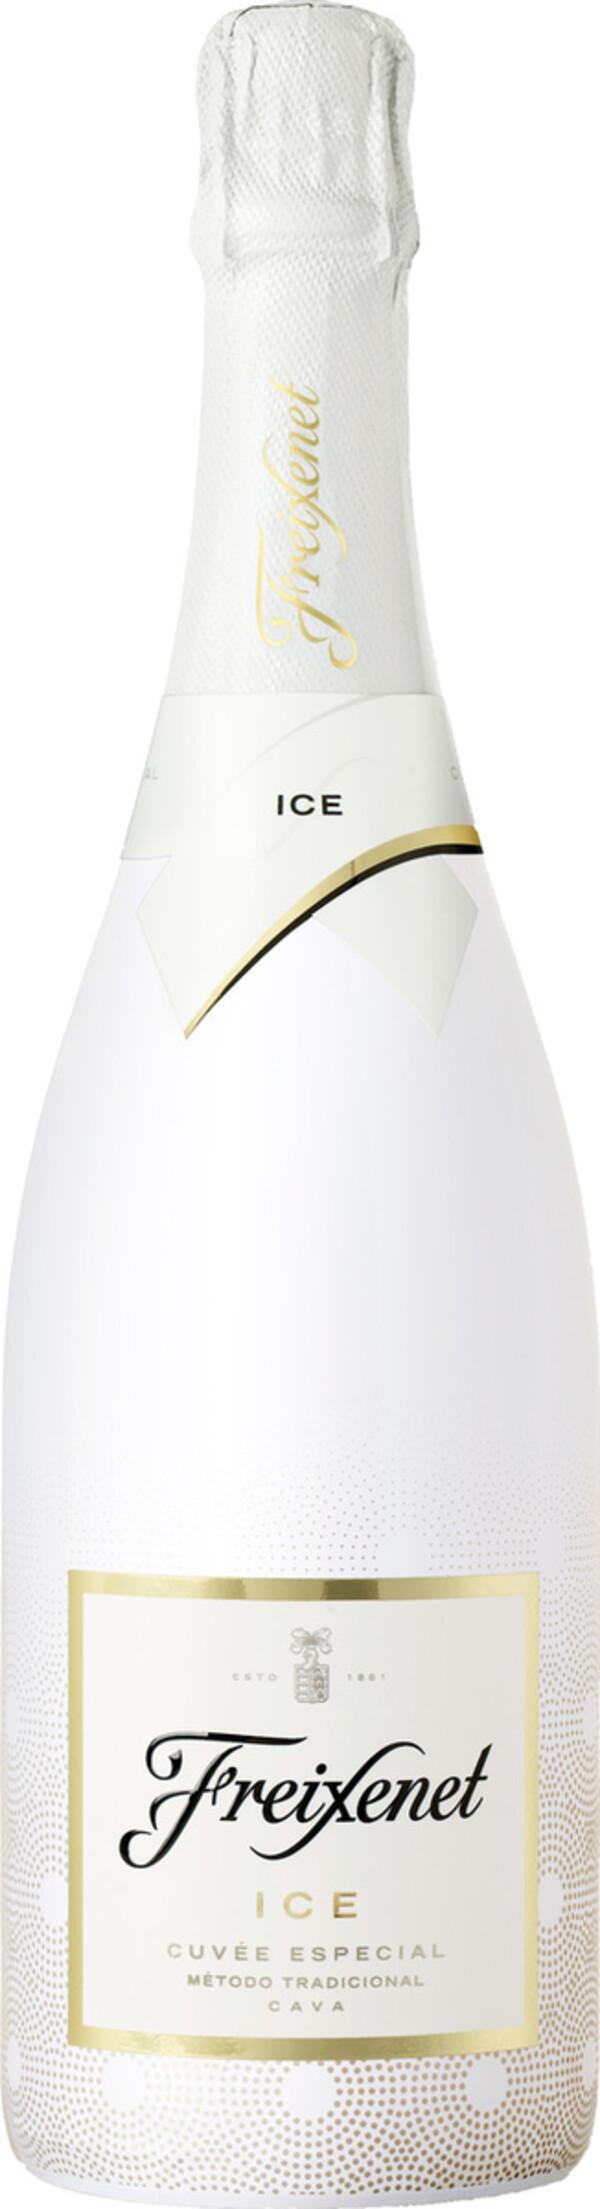 Freixenet Ice Semi Seco 0,75 ltr